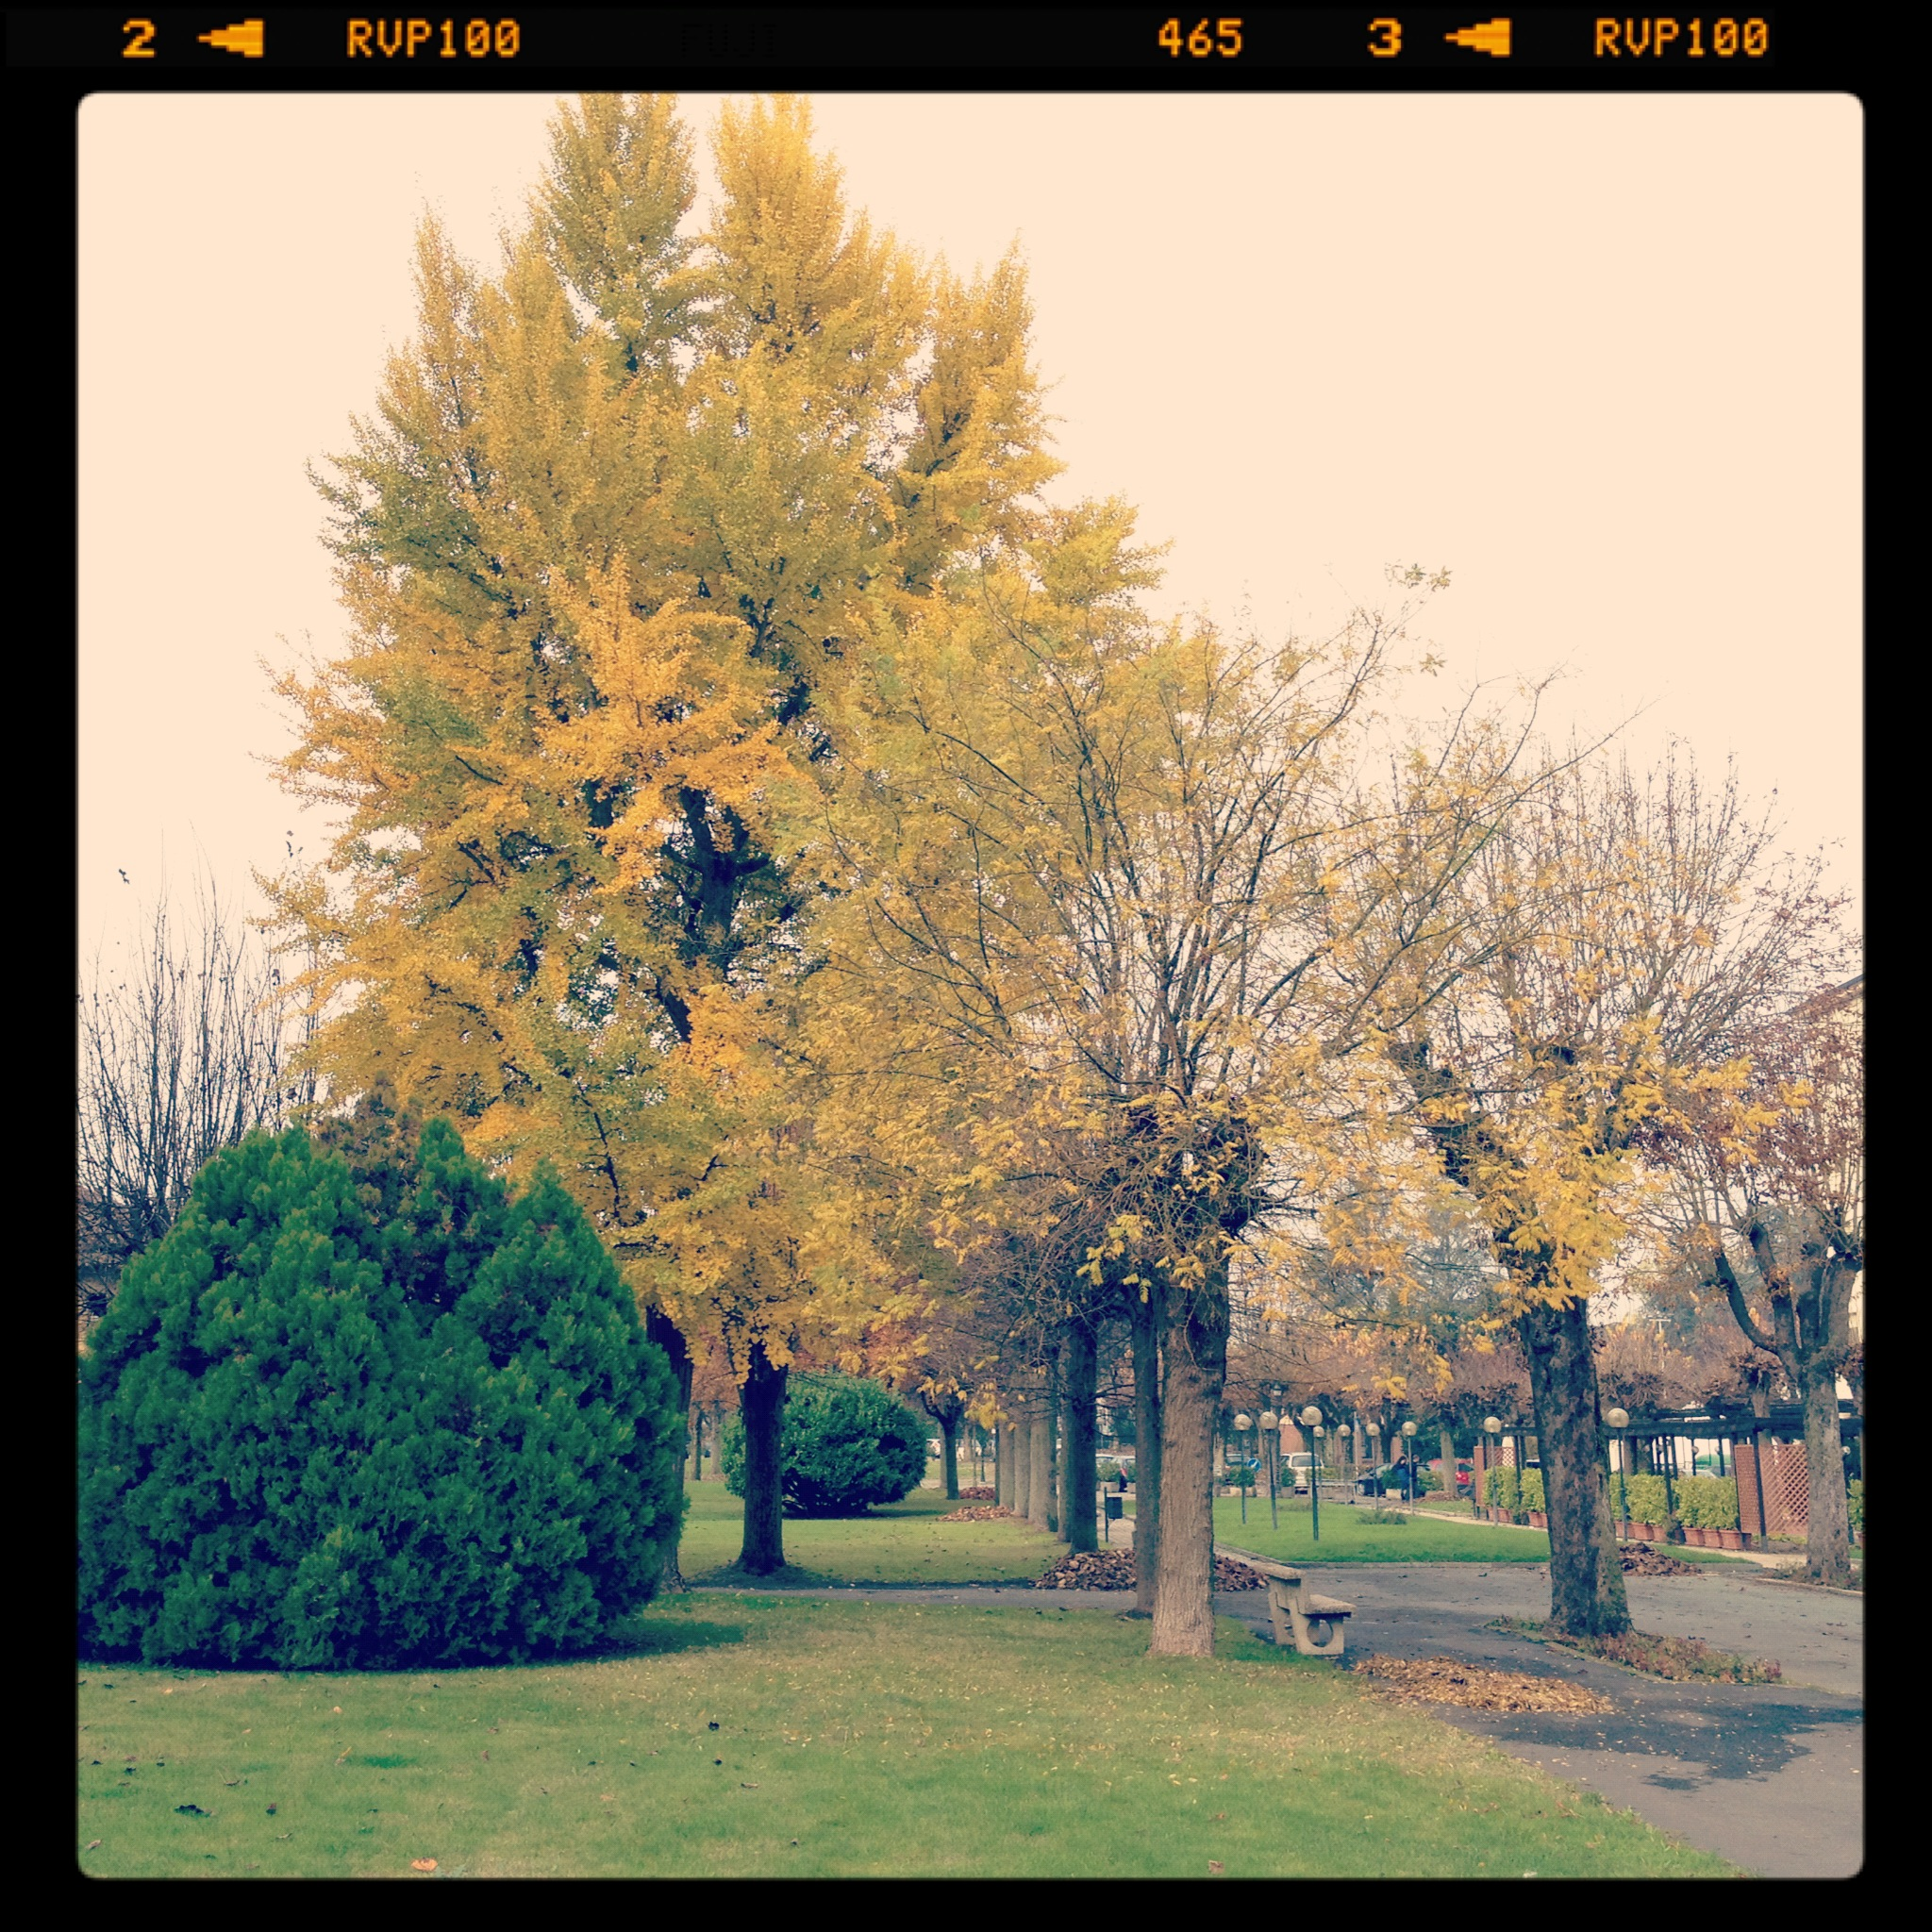 2011-11-12 10.48.00.jpg